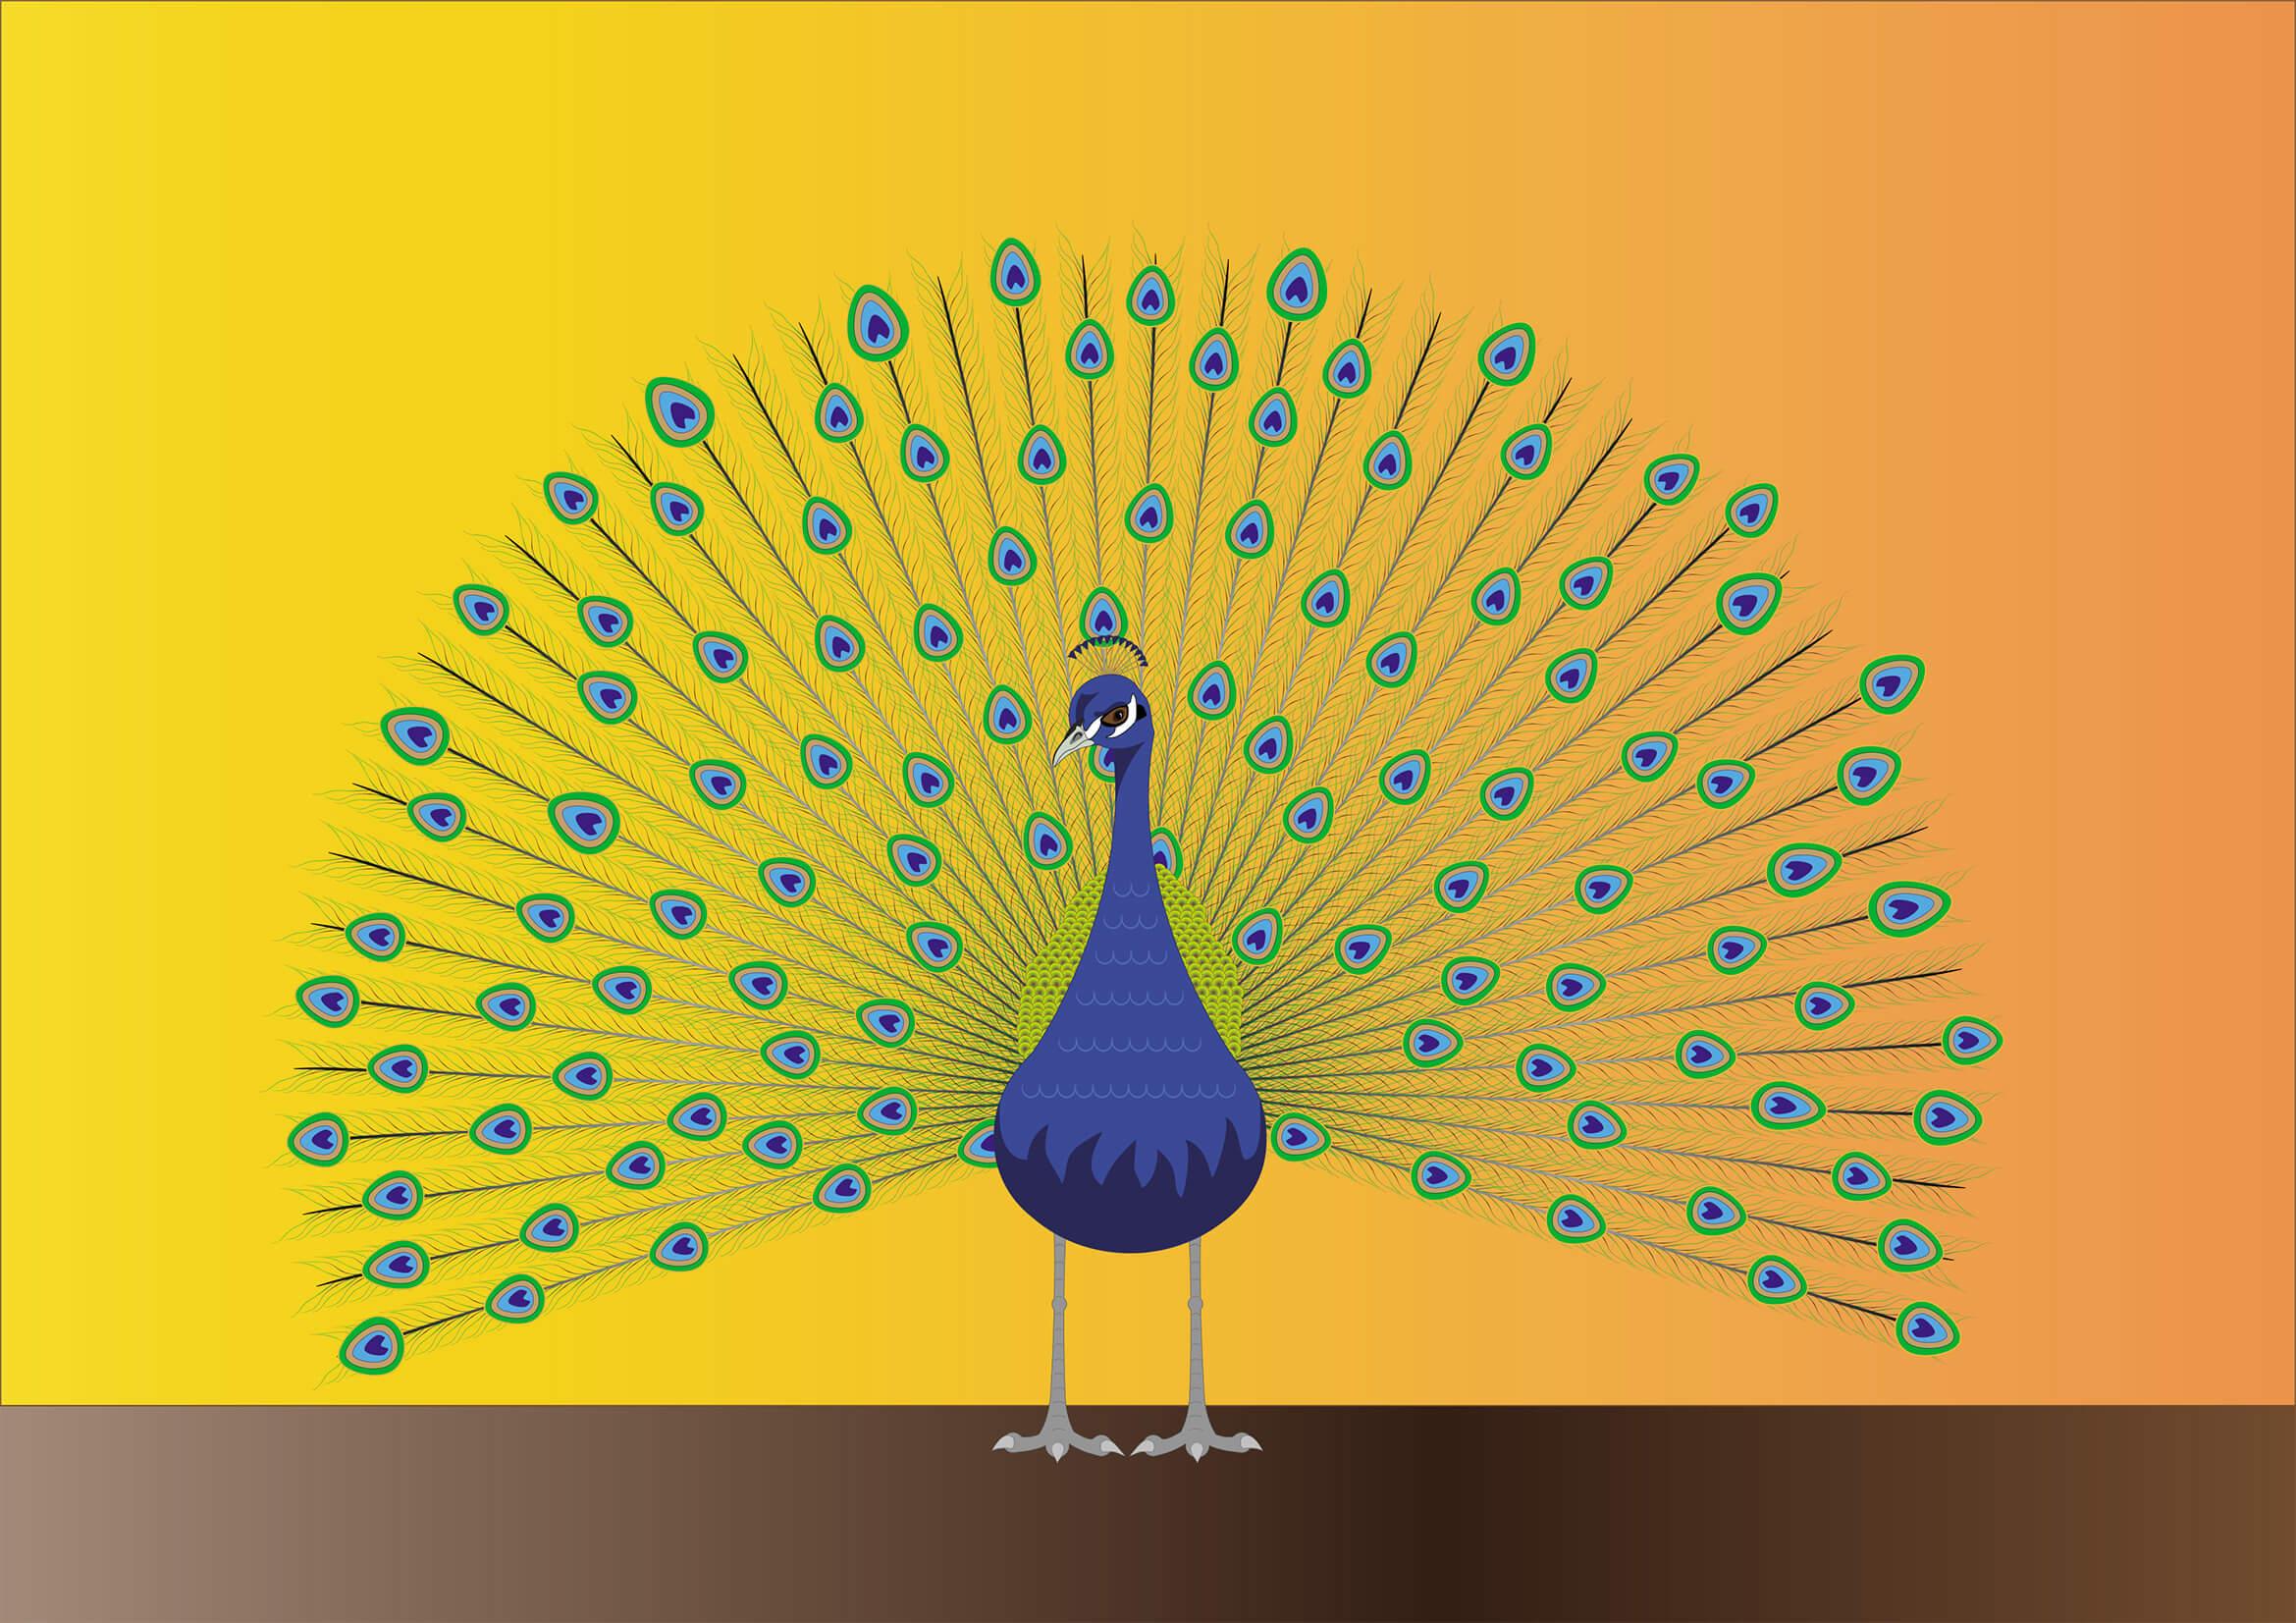 Dessin vectoriel de paon réalisé sur Illustrator